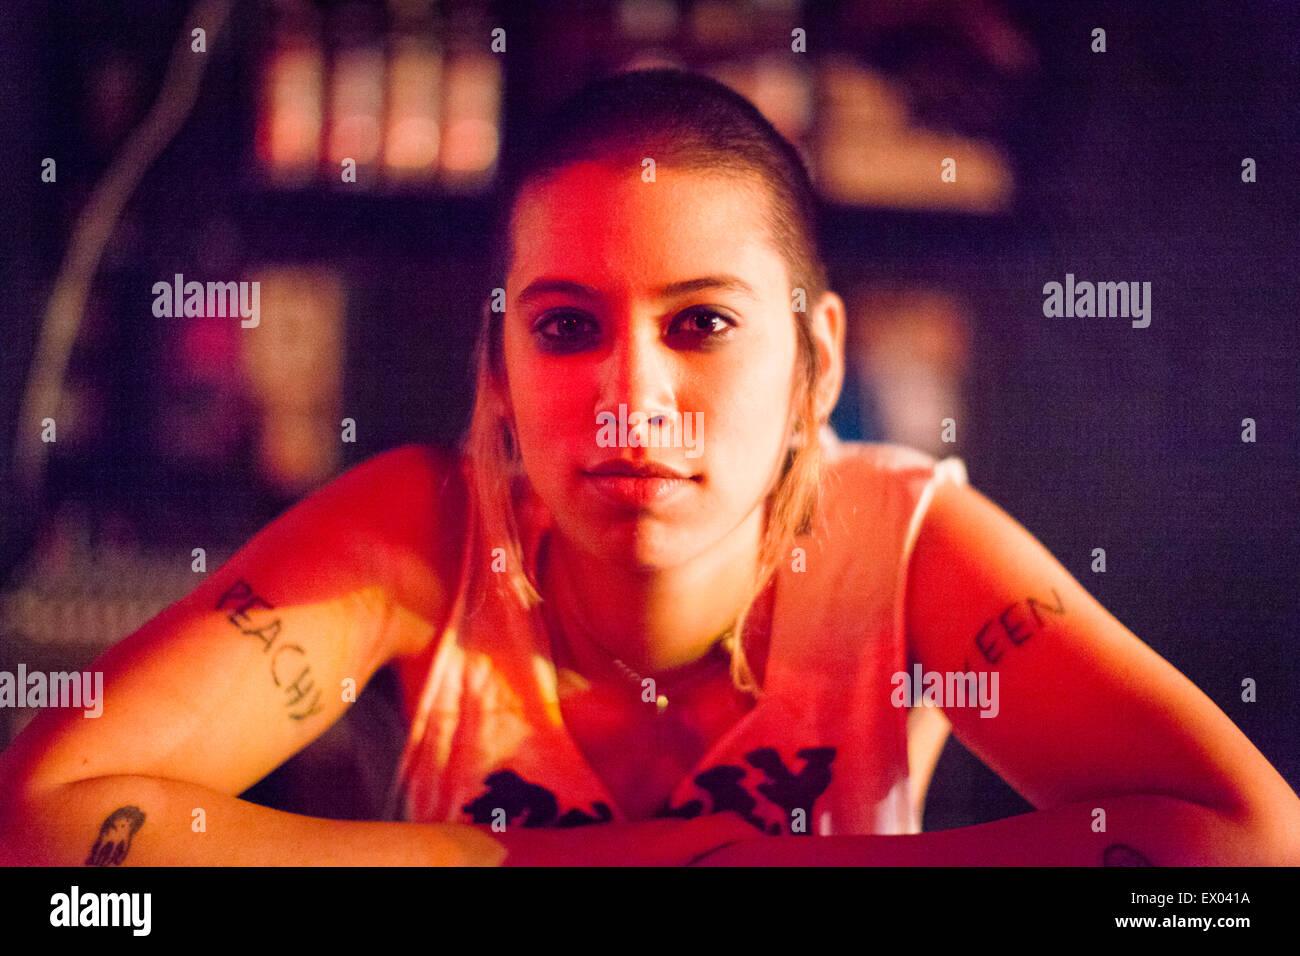 Retrato de chica punk, descansando sobre las armas Foto de stock